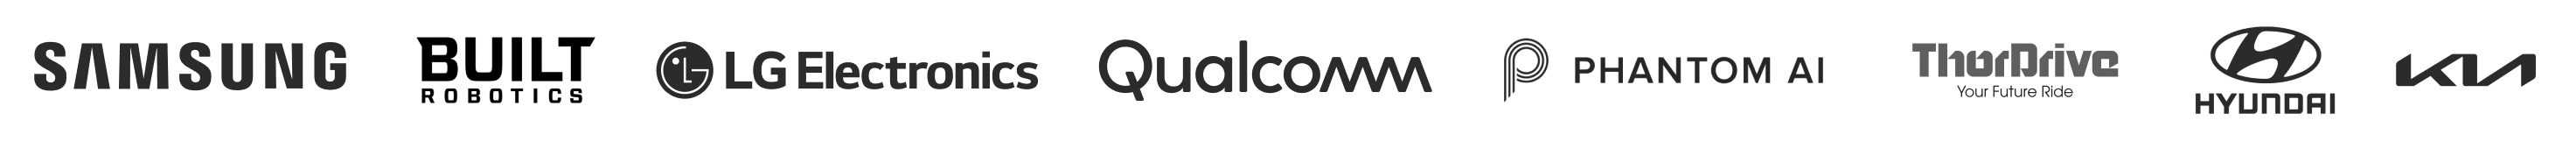 a company logos